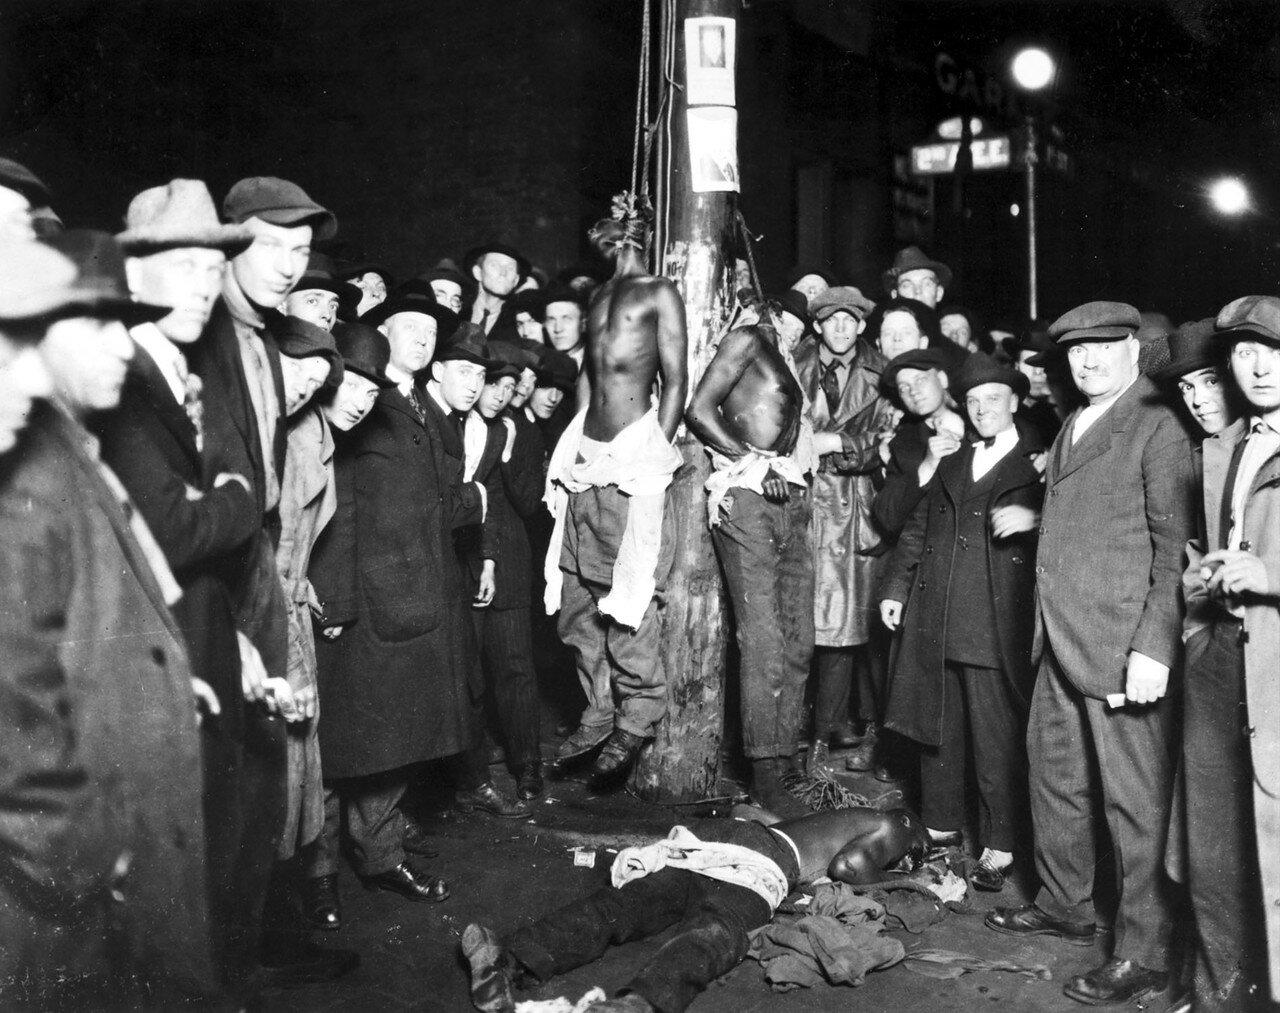 1920. Линчевание в Алабаме